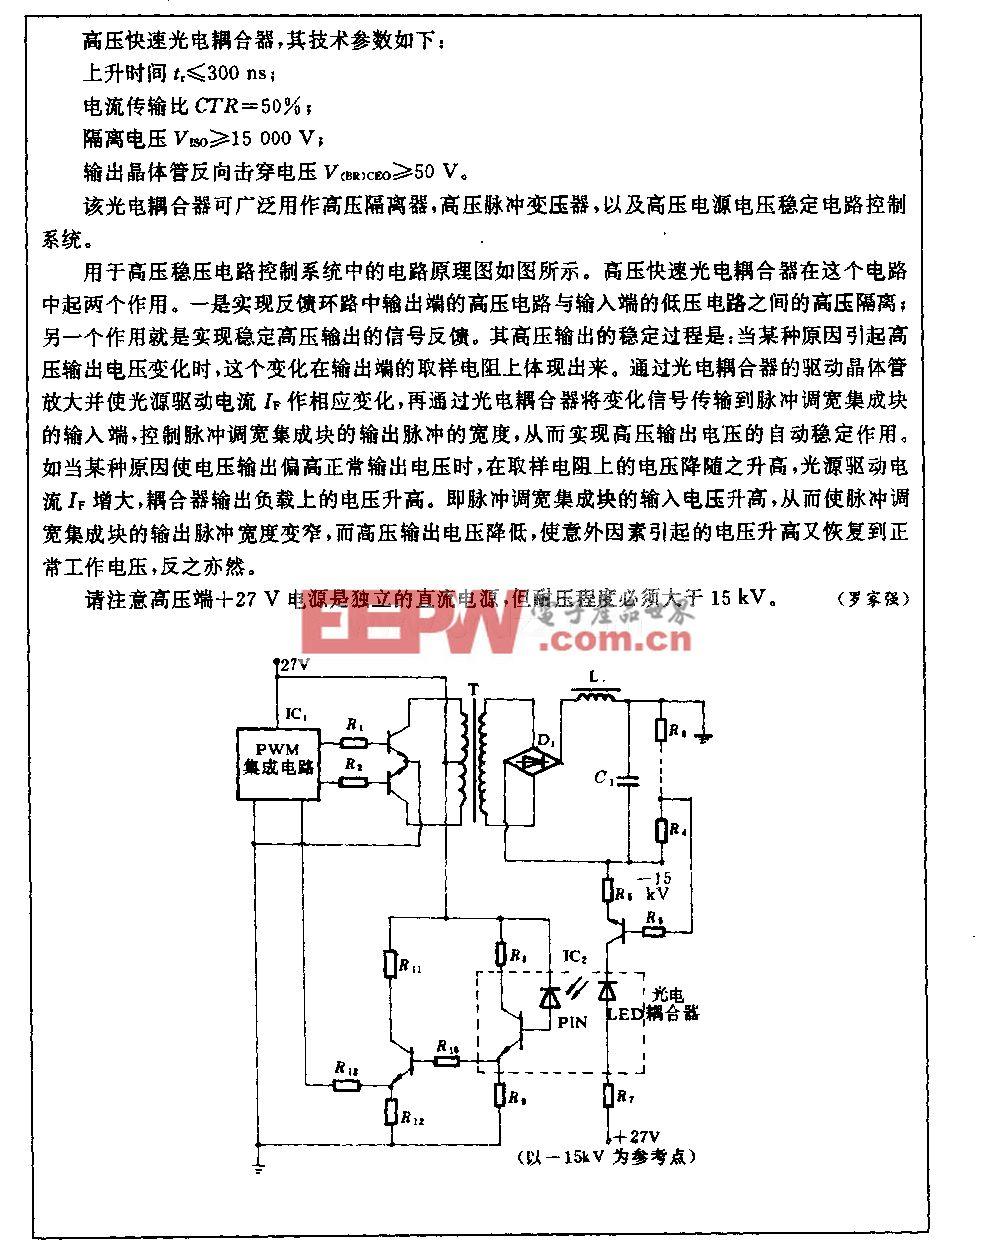 高压快速光电耦合器及应用电路